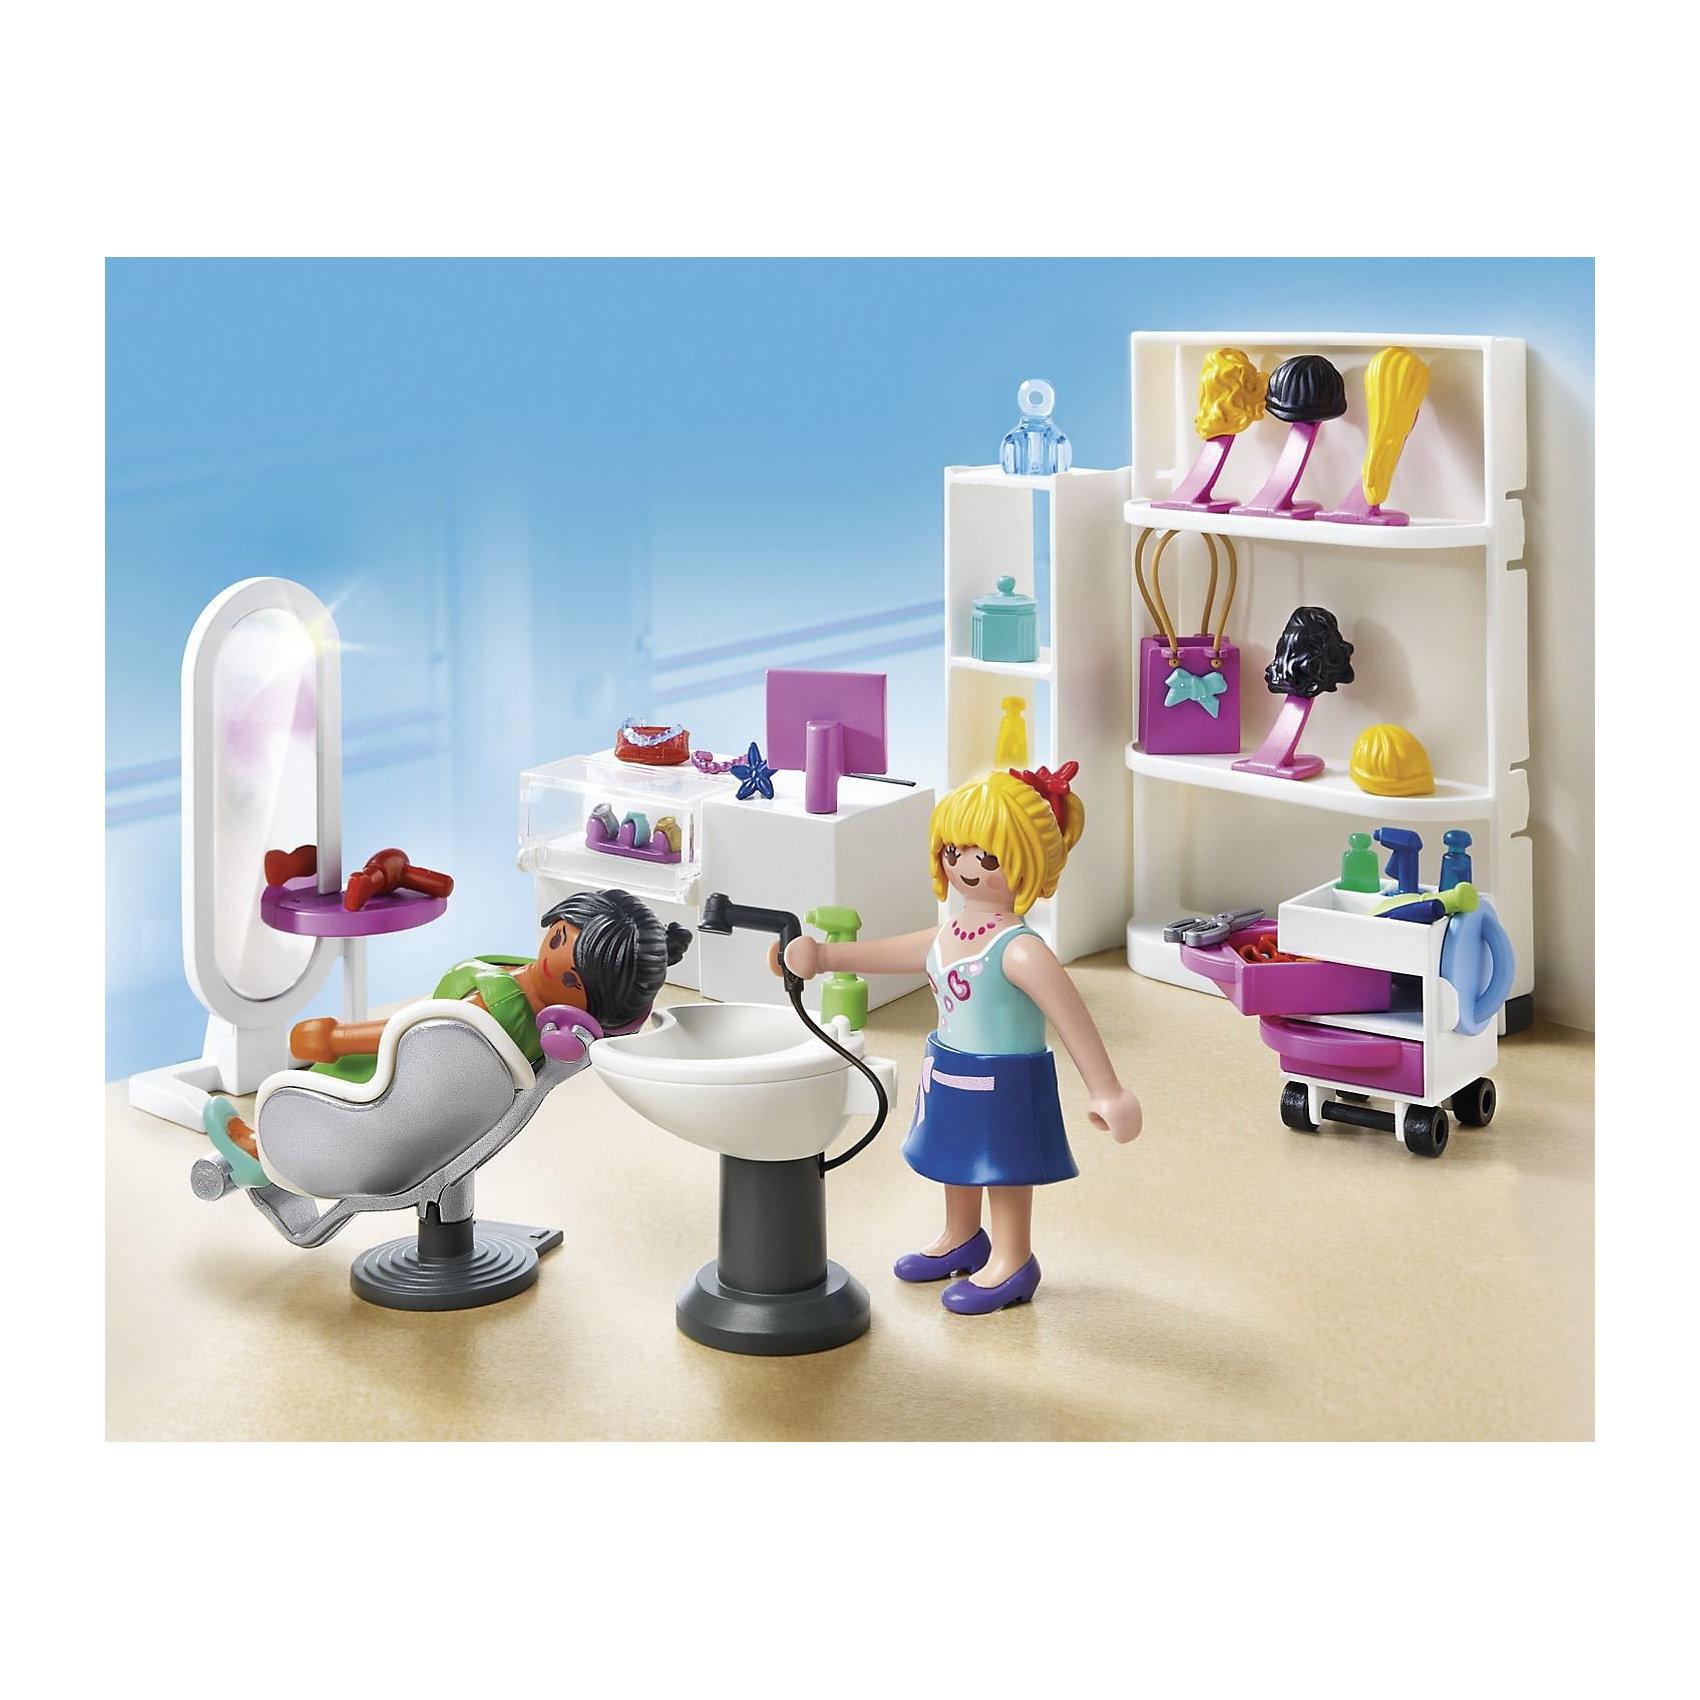 PLAYMOBIL® Торговый центр: Салон красоты, PLAYMOBIL playmobil® зоопарк стая фламинго playmobil